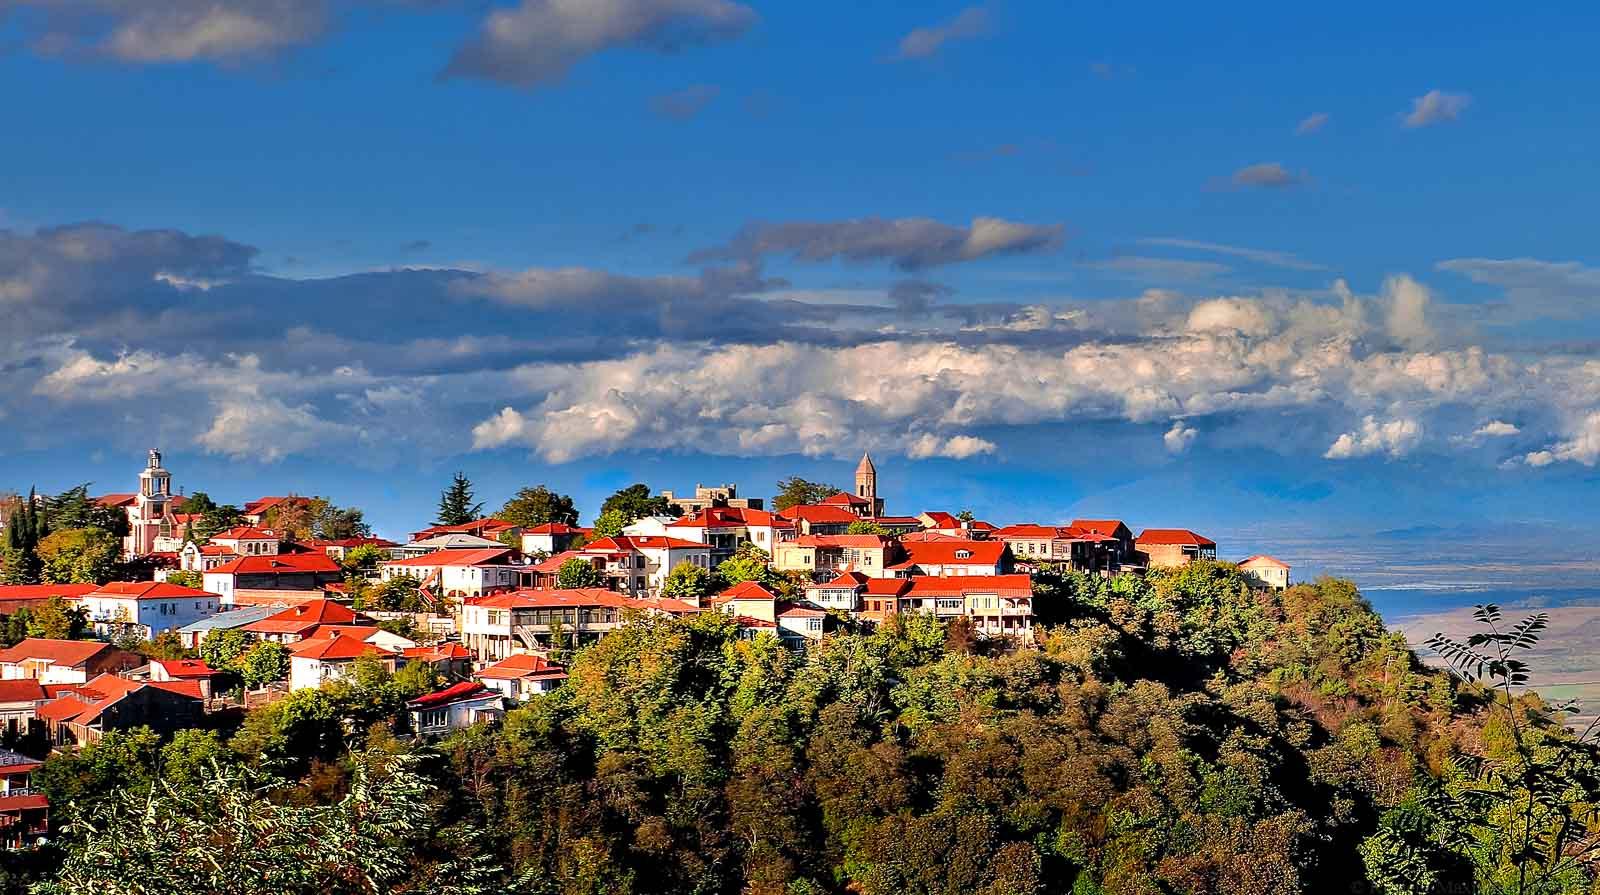 Die georgische Stadt Sighnaghi befindet sich auf einem bewaldeten Berg. Im Hintergrund ist blauer Himmel mit Wolken.